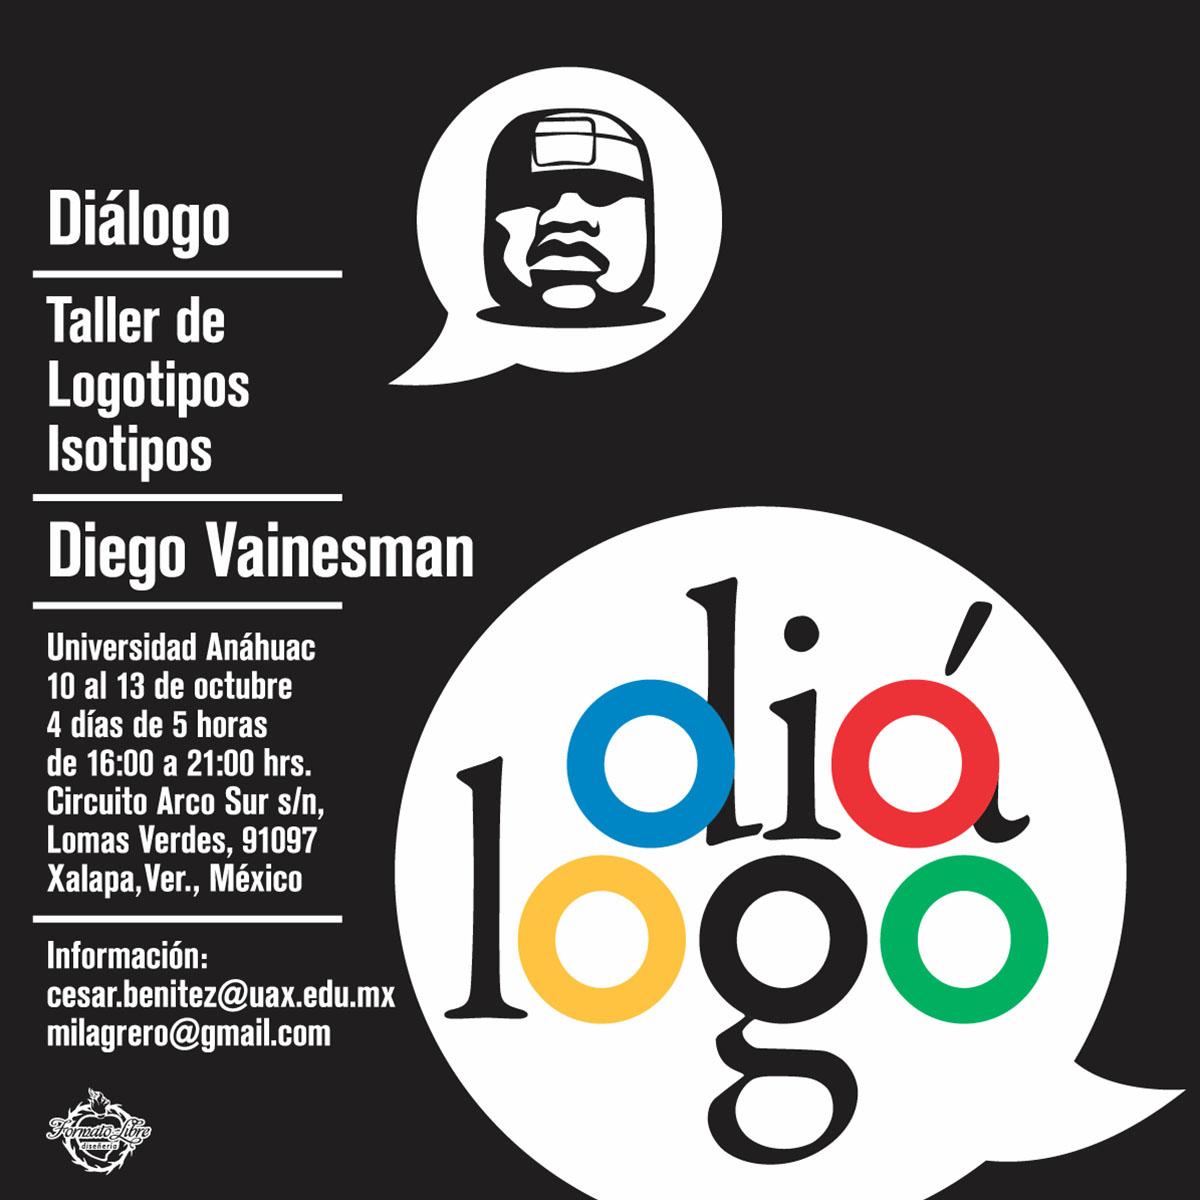 Diego Vainesman: Taller de Logotipos Isotipos